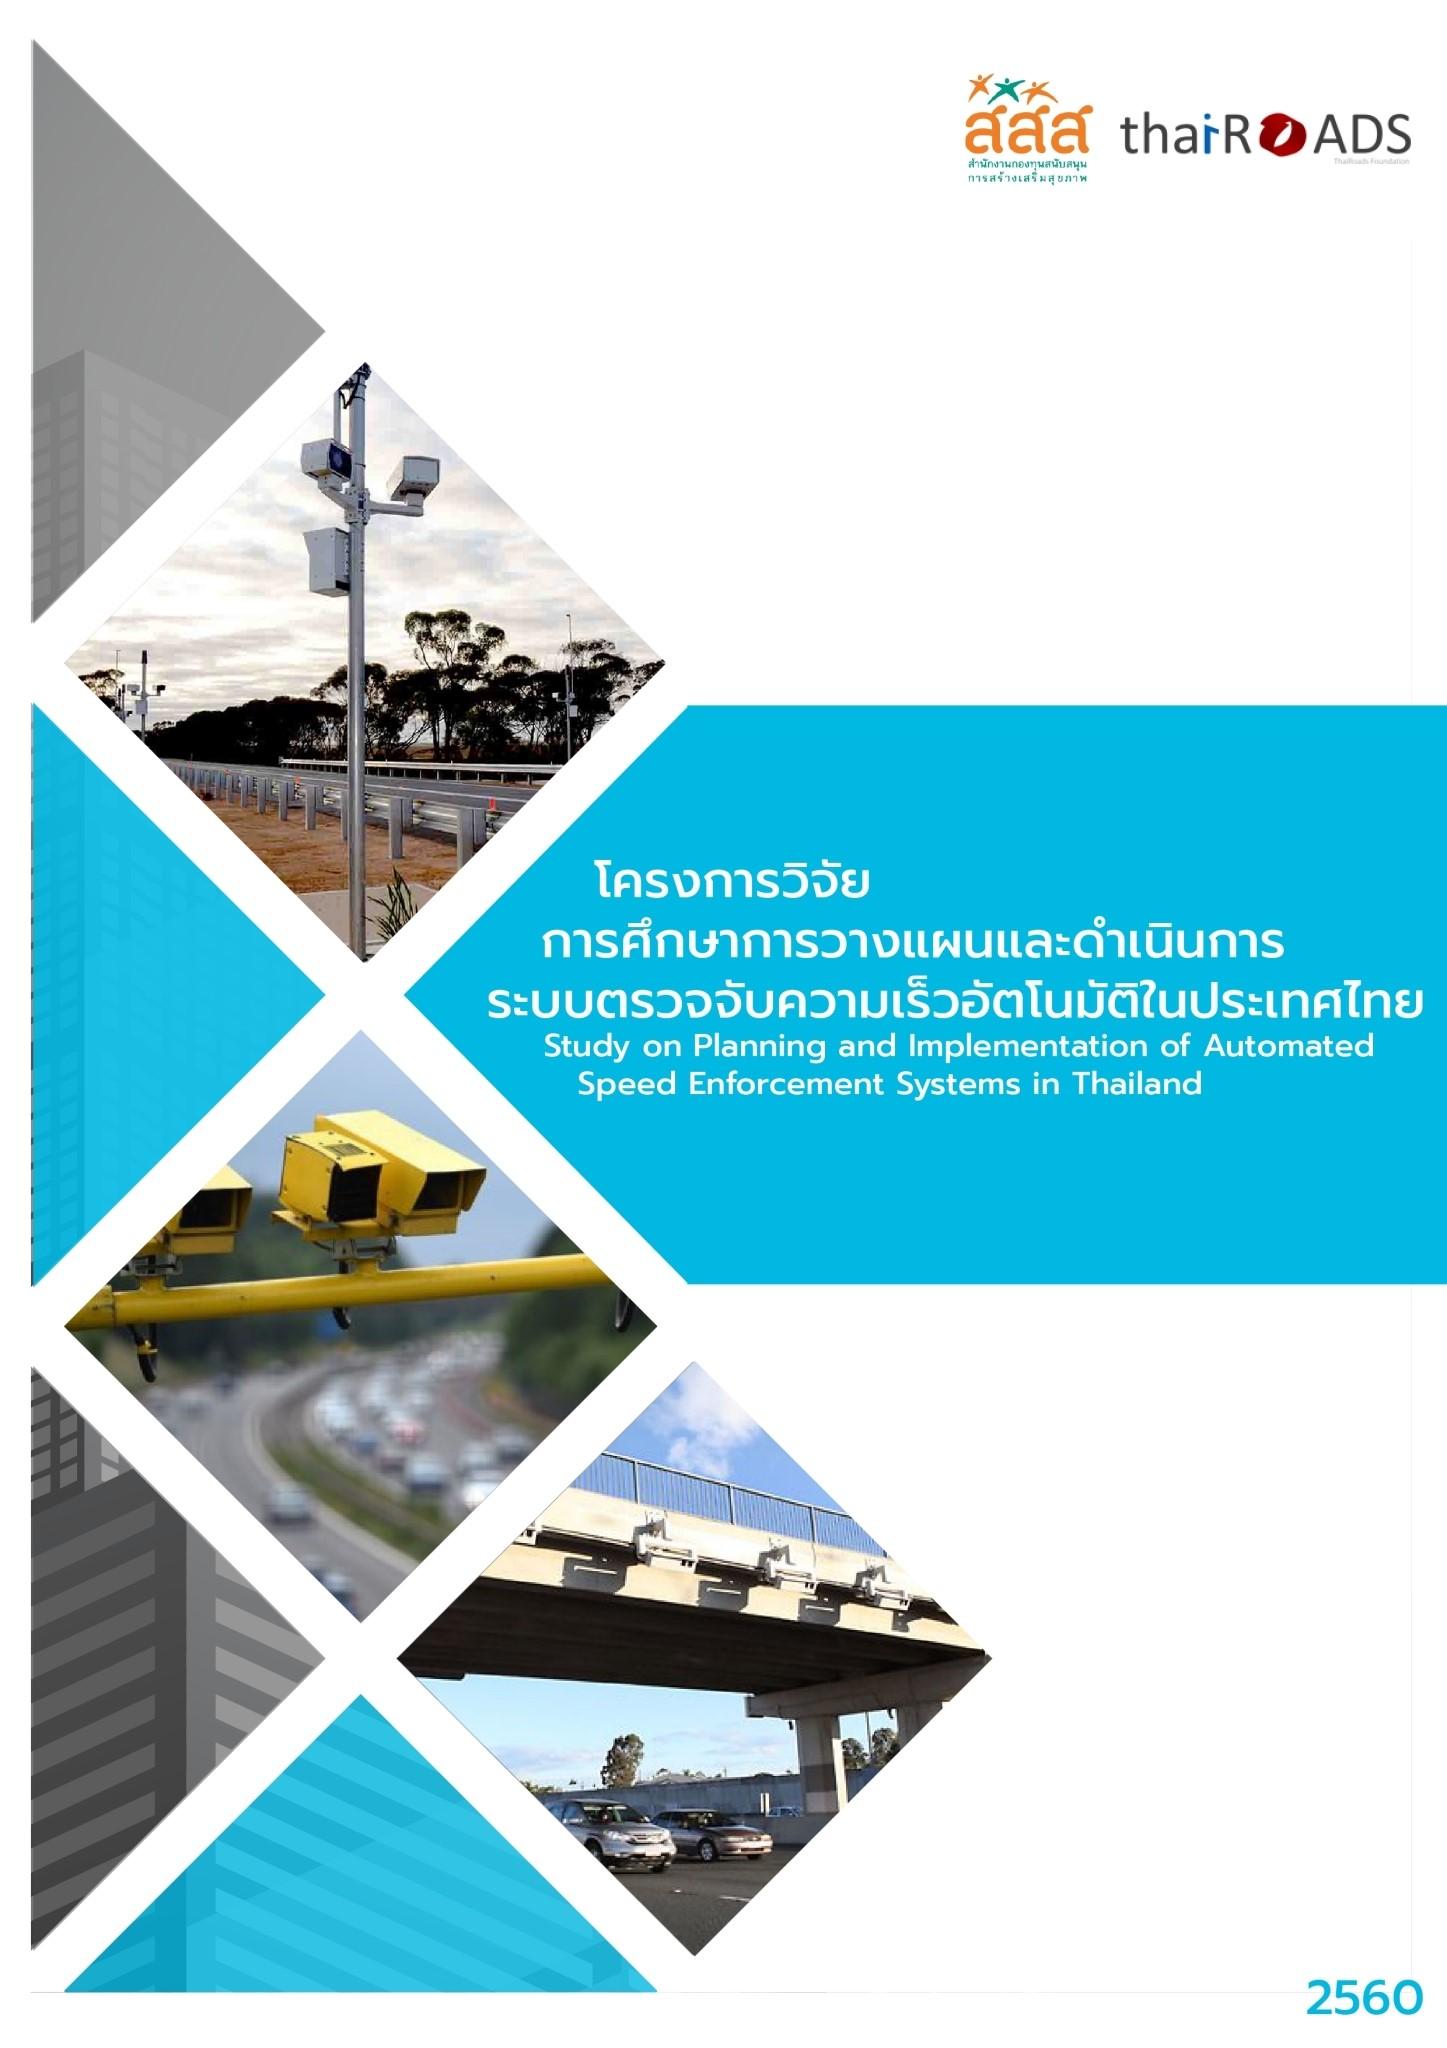 โครงการวิจัย  การศึกษาการวางแผนและดำเนินการระบบตรวจจับความเร็วอัตโนมัติในประเทศไทย